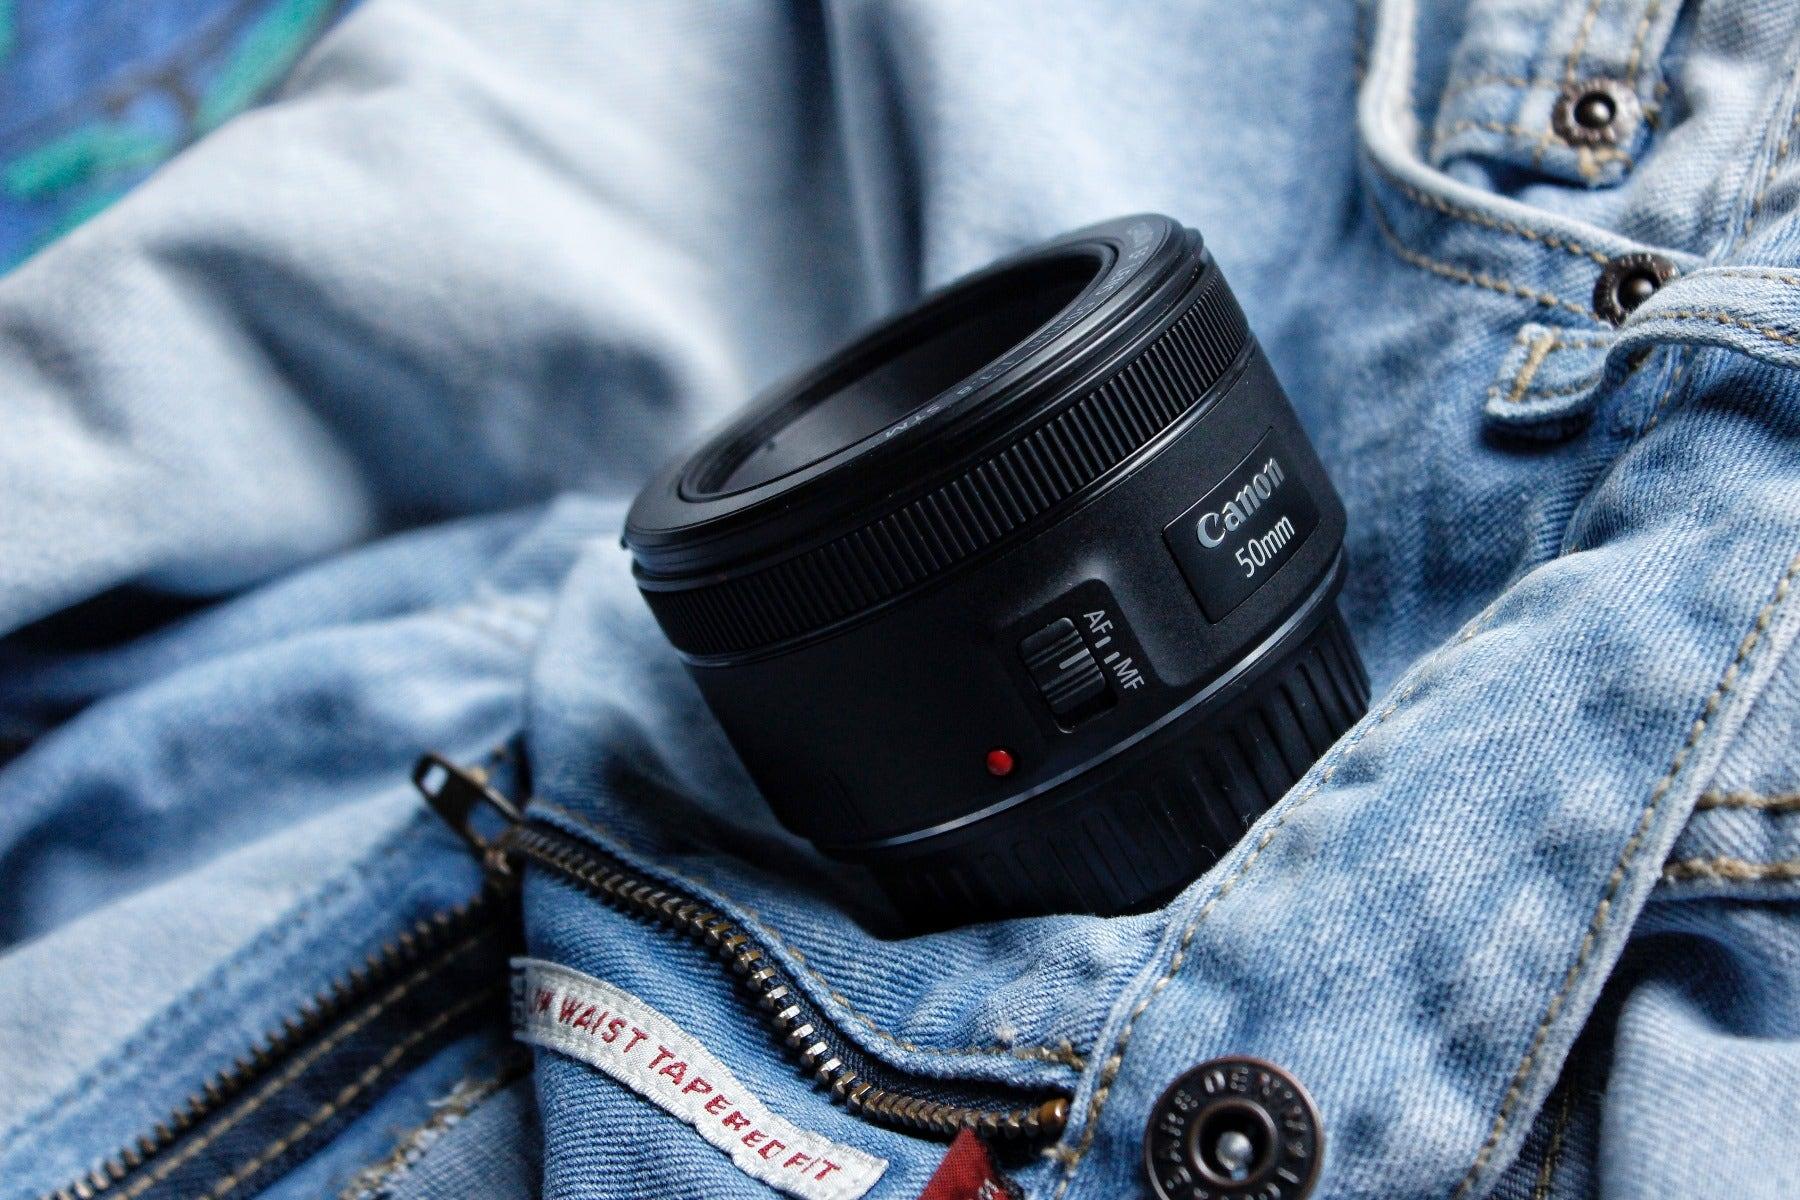 Canon 50mm f/1.8 prime lens